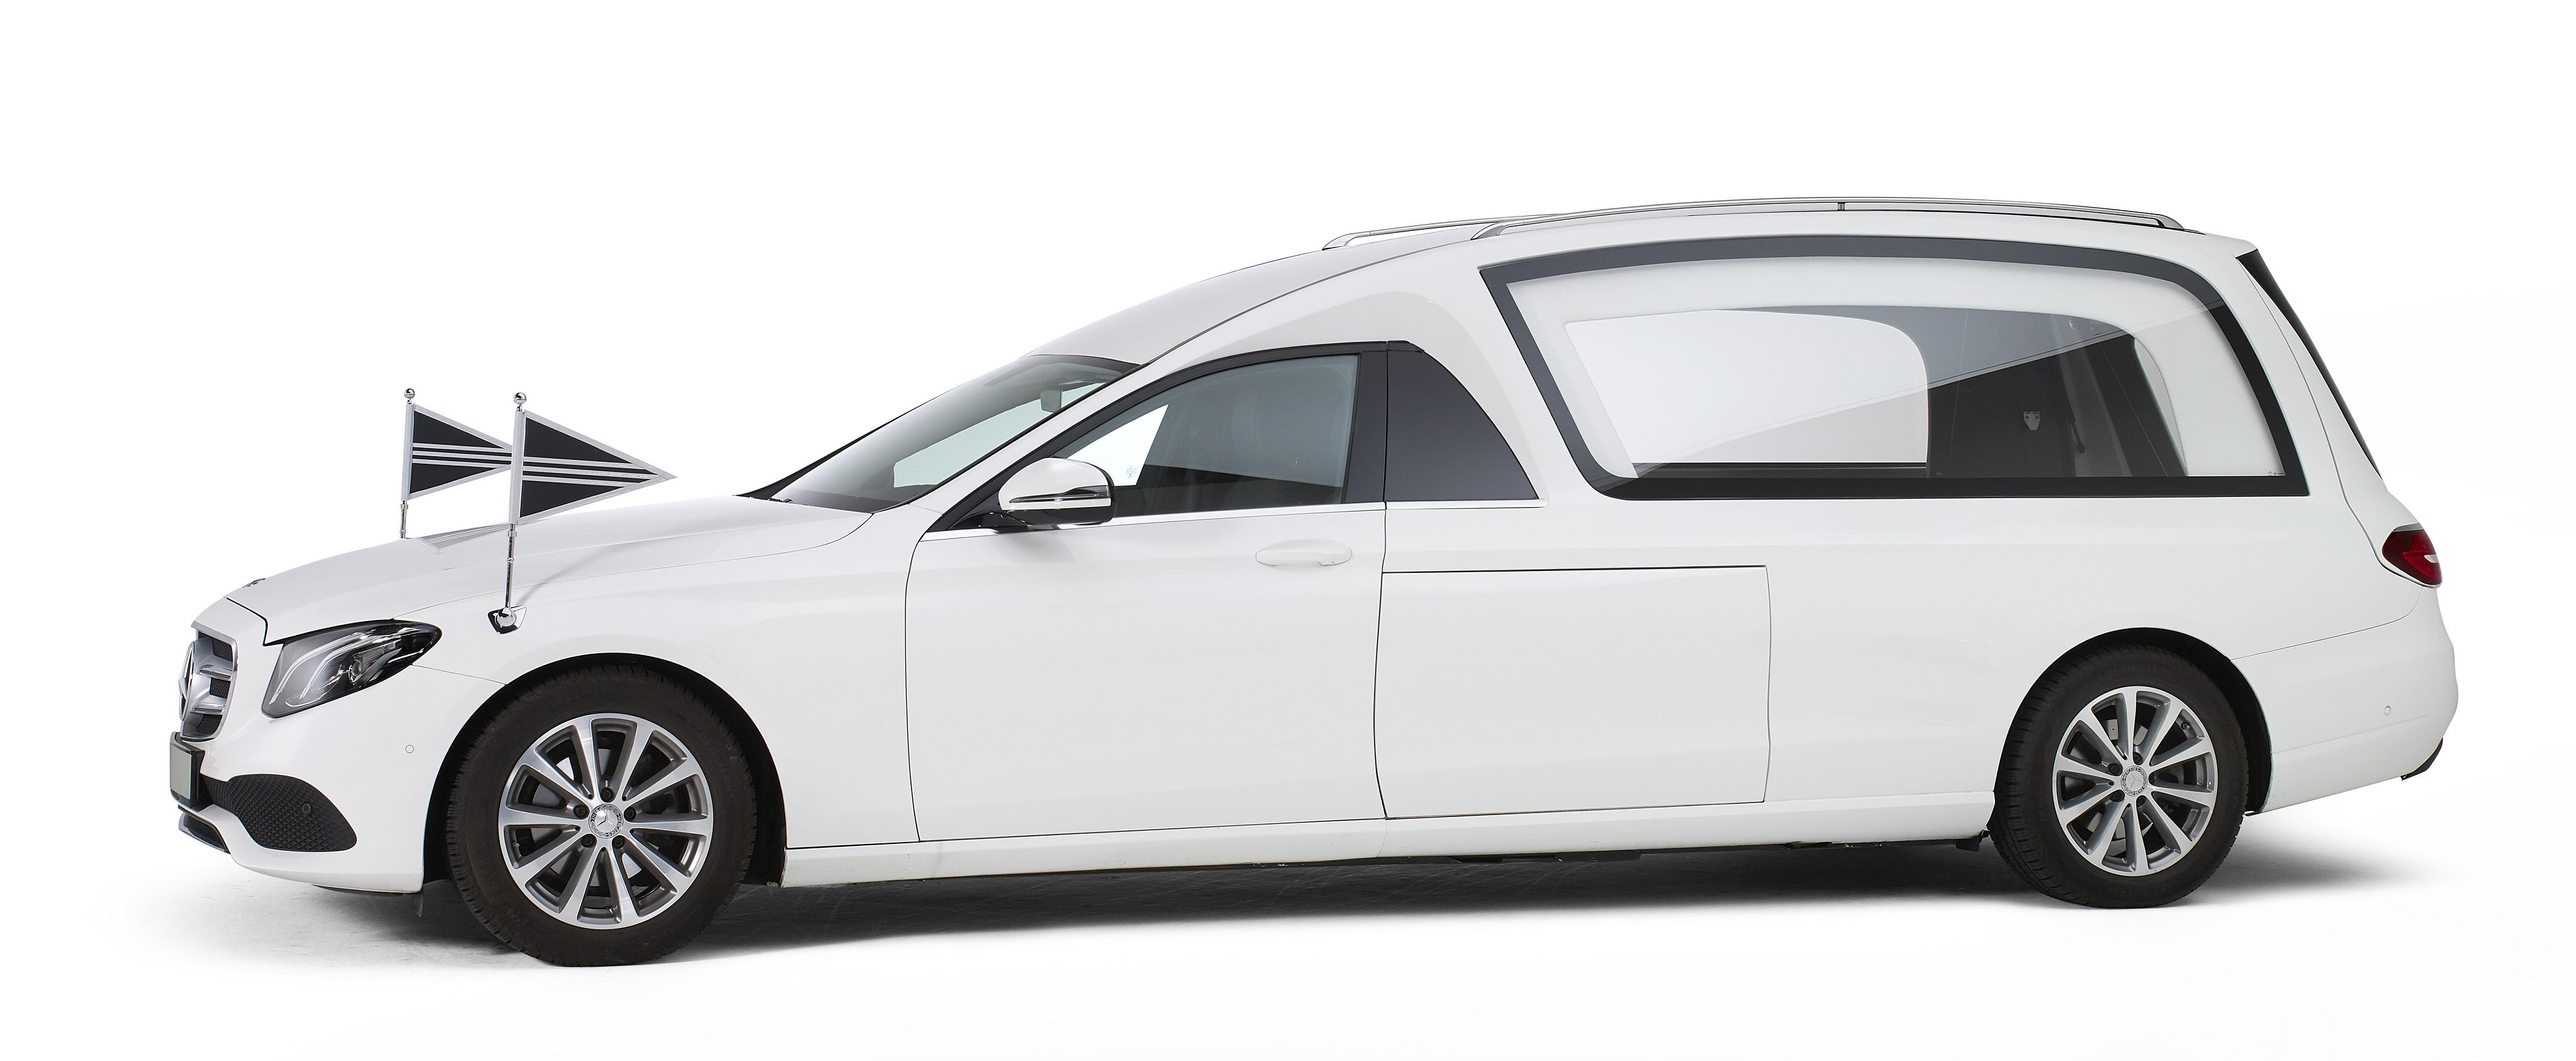 Mercedes wit – Glas Rouwauto